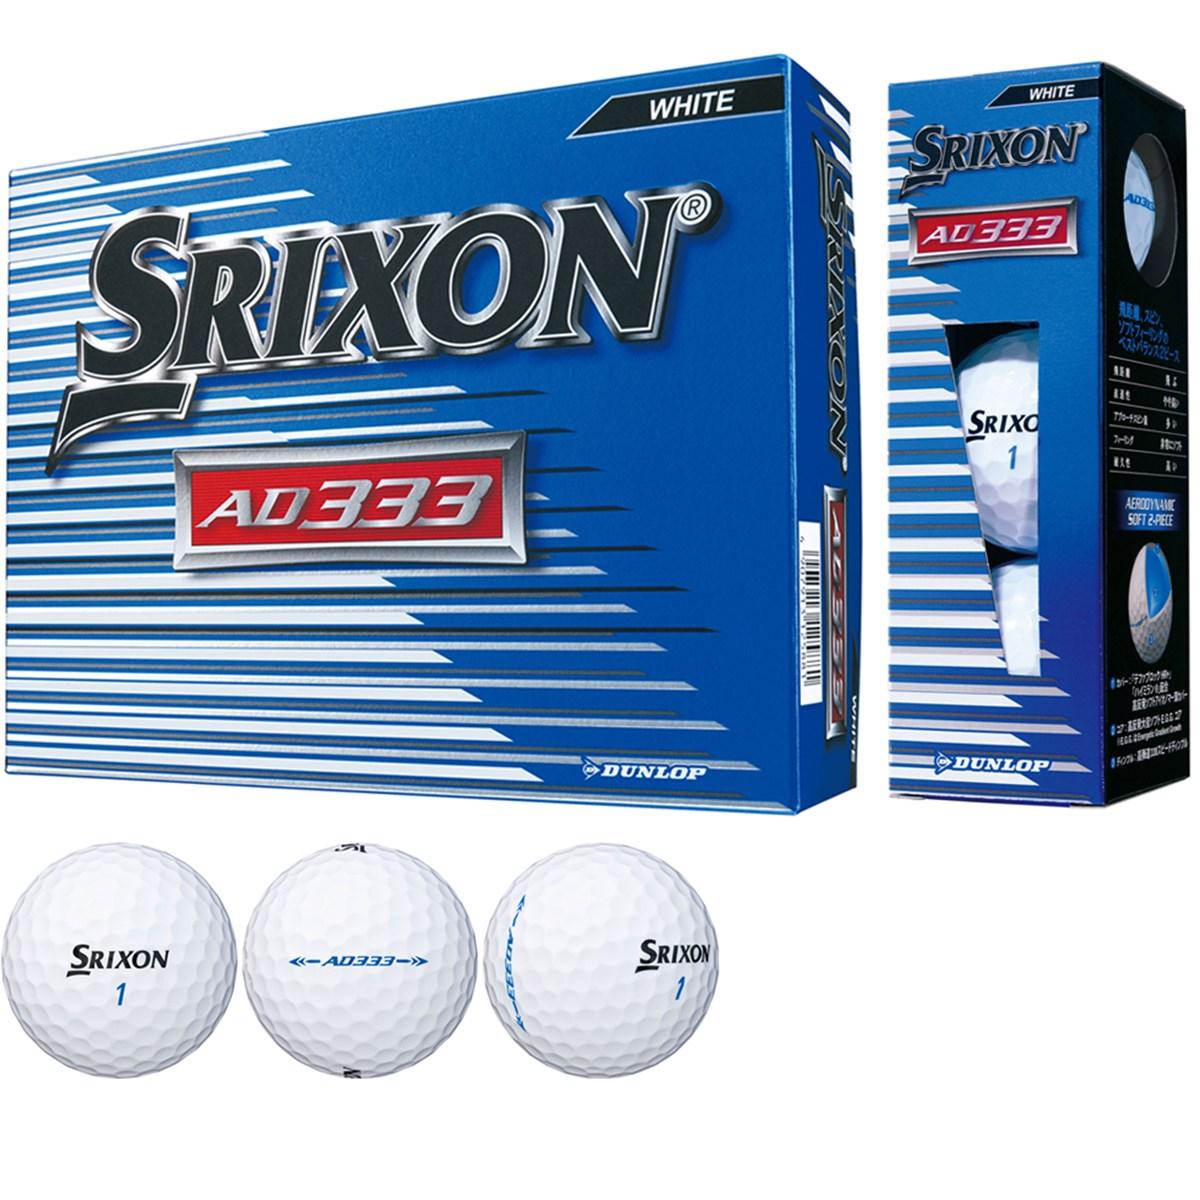 ダンロップ SRIXON スリクソン AD333-7 ボール 1ダース(12個入り) ホワイト